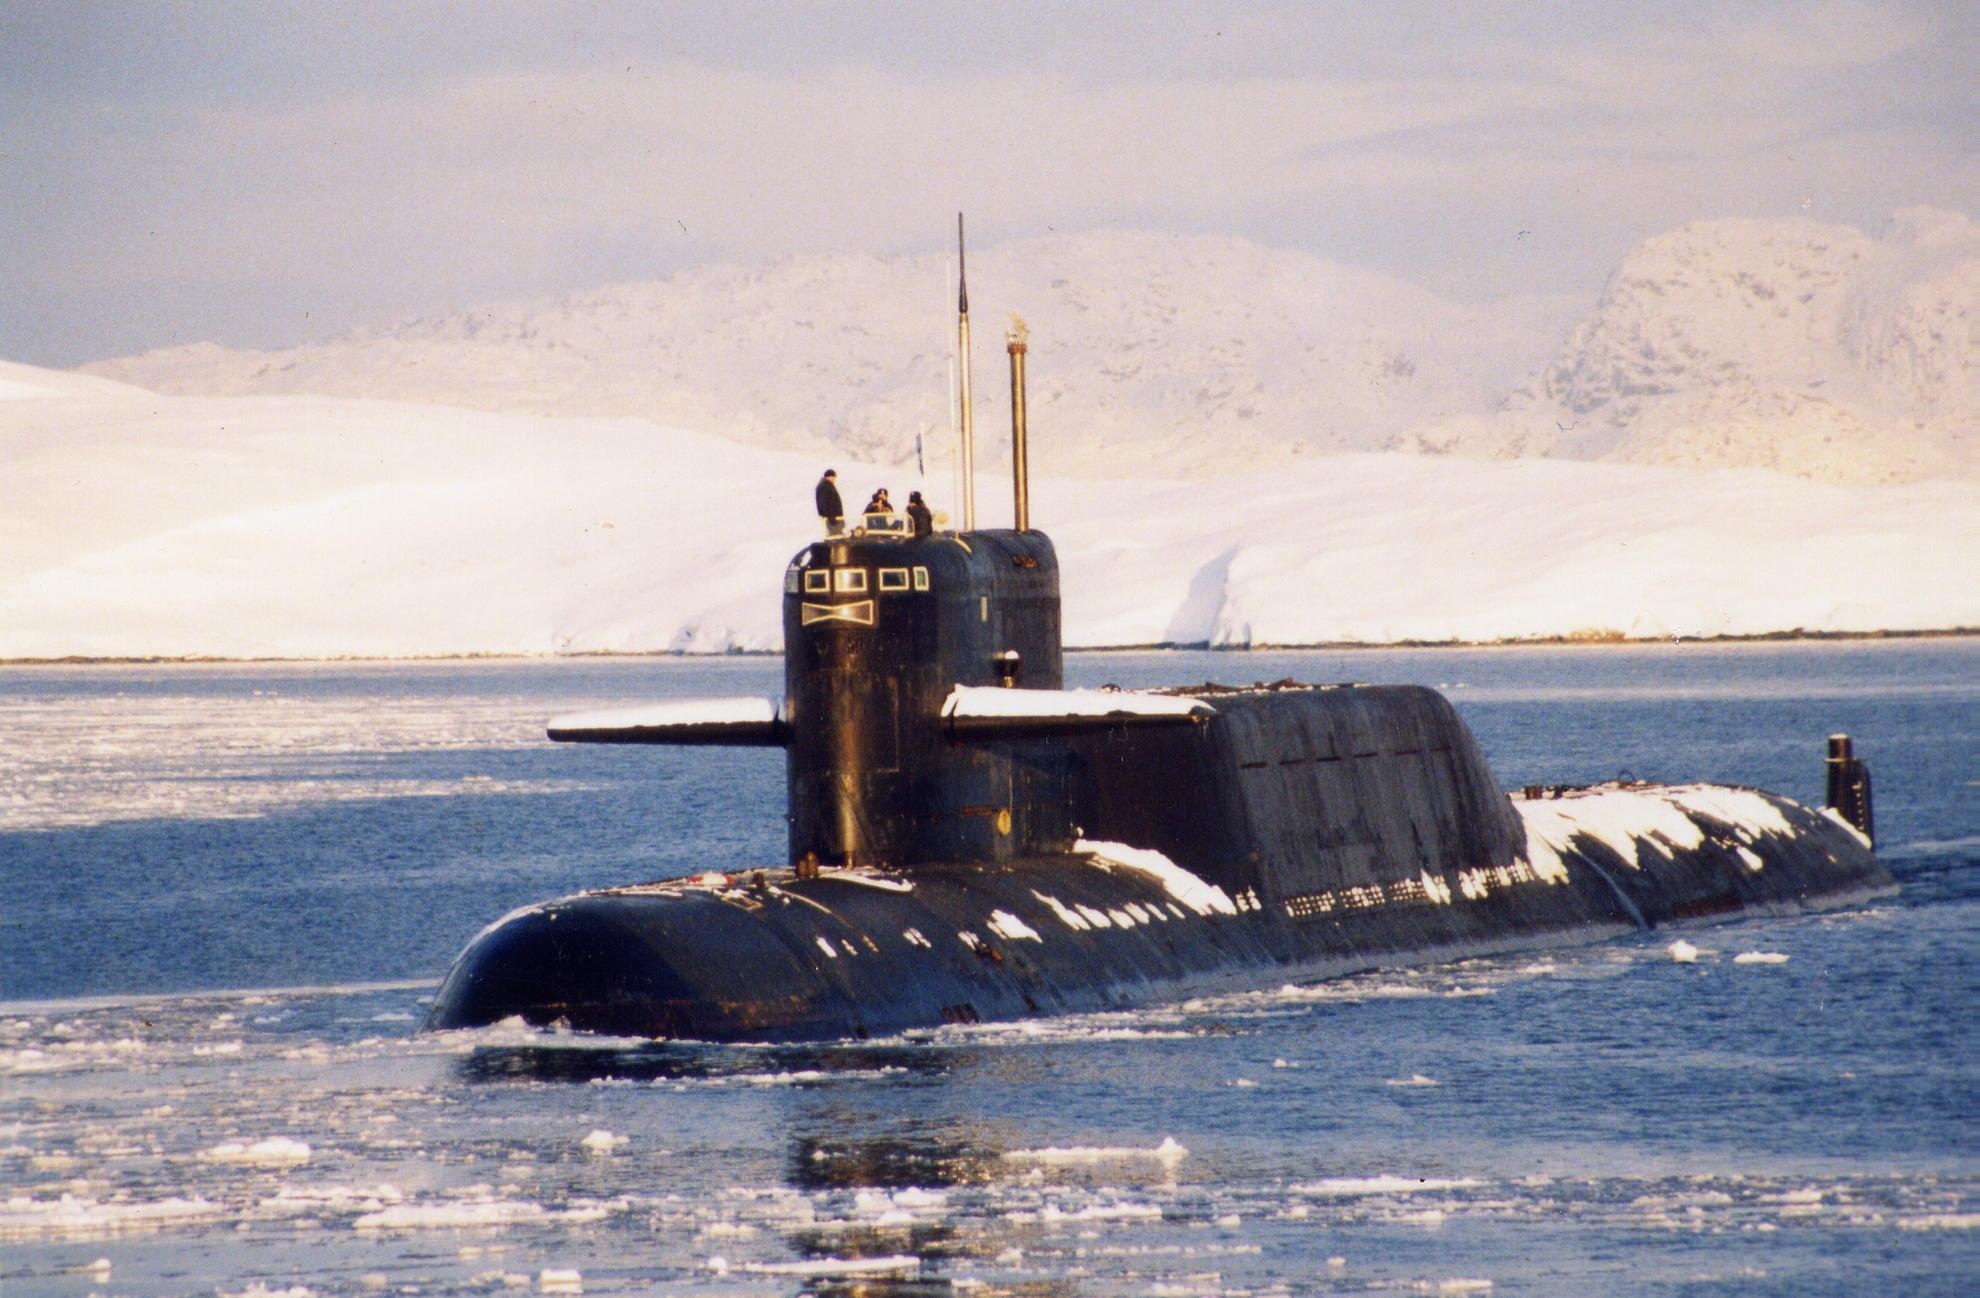 картинка атомный подводный крейсер было видно стены